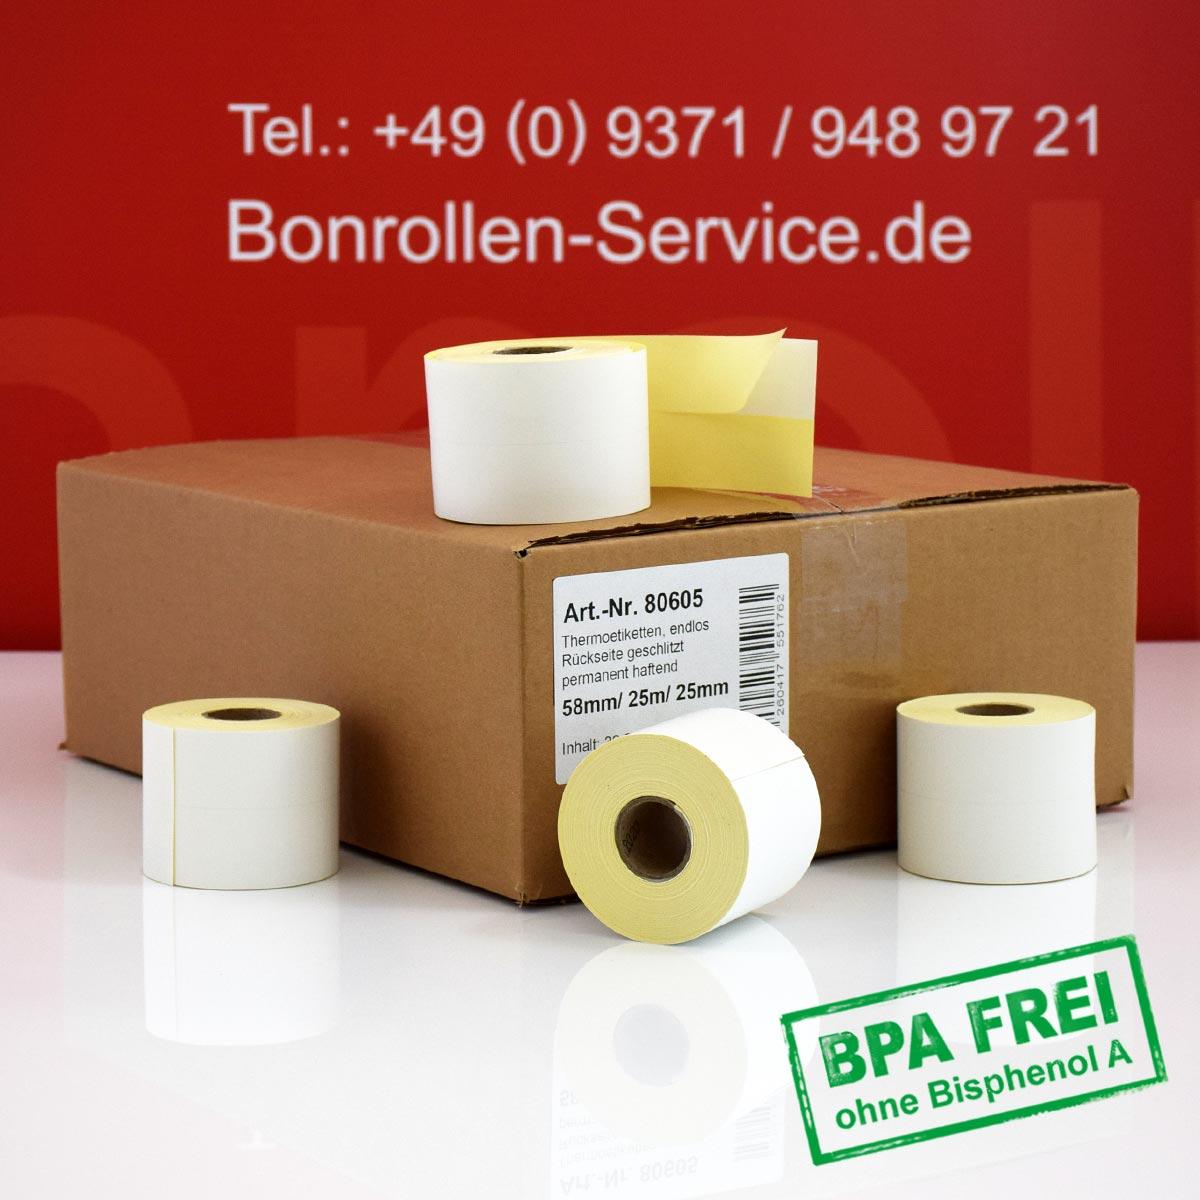 Thermoetiketten-Rollen ohne BPA 58 25m 25, permanent